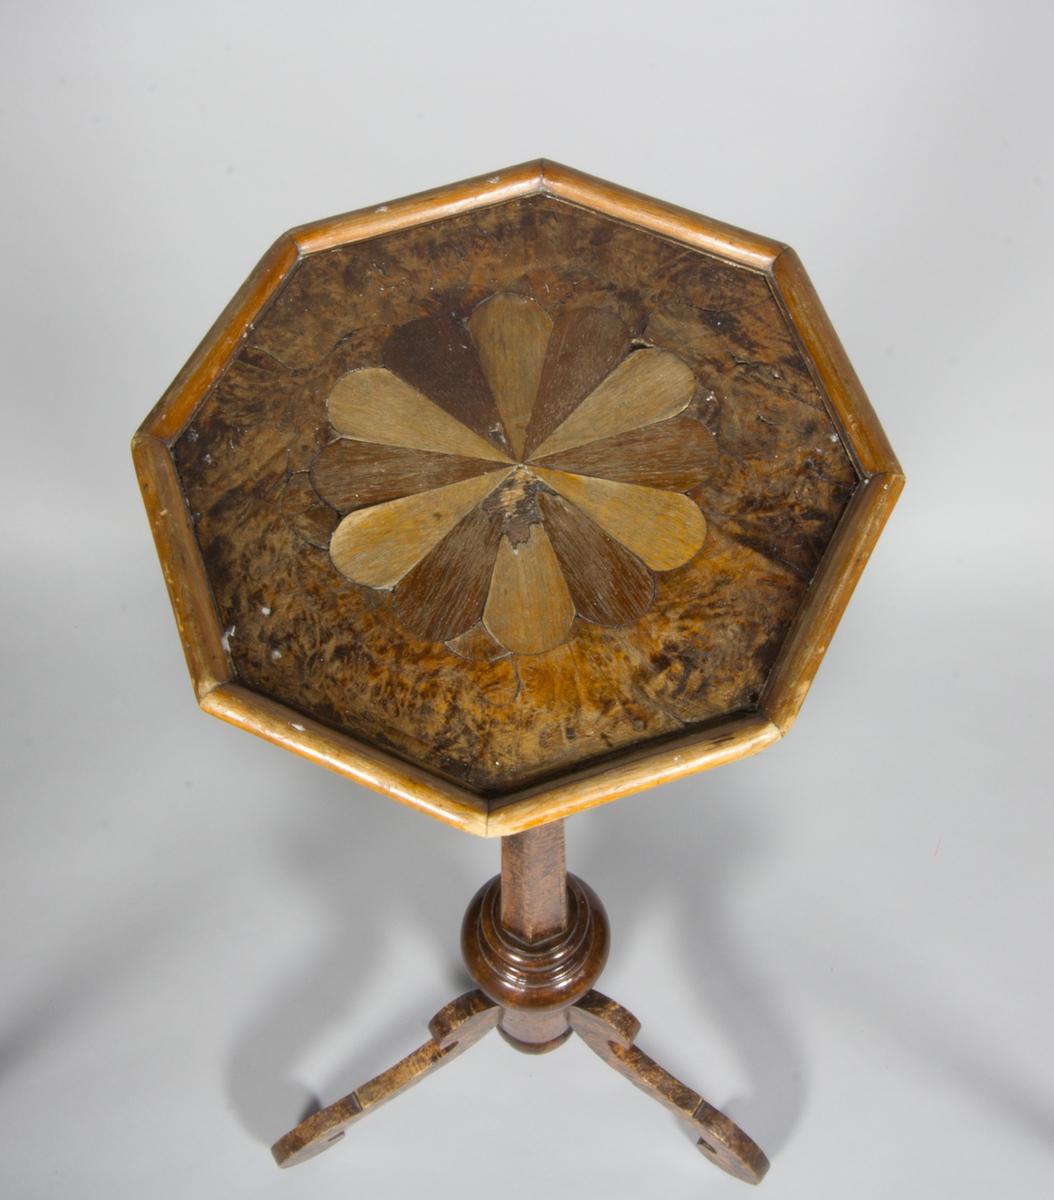 Geridong tillverkad av alrot med 6-kantigt ben och tre volutformade fötter. 8-kantig plan skiva med inlagda bladformer i olikfärgad fanér.